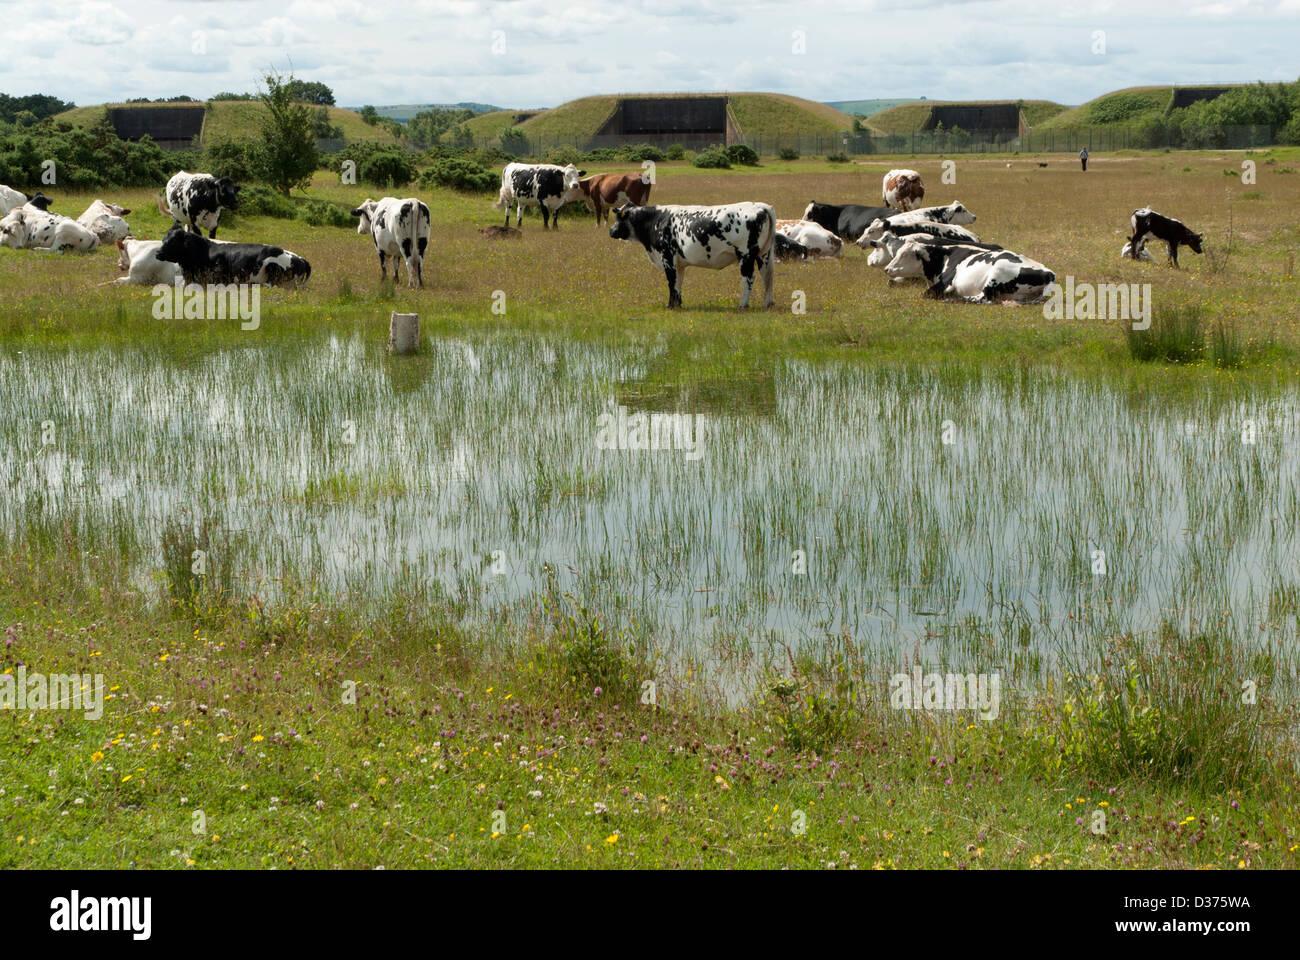 Restauración ambiental de Greenham Common: ganado pastando junto a un estanque con antiguos silos de misiles Imagen De Stock